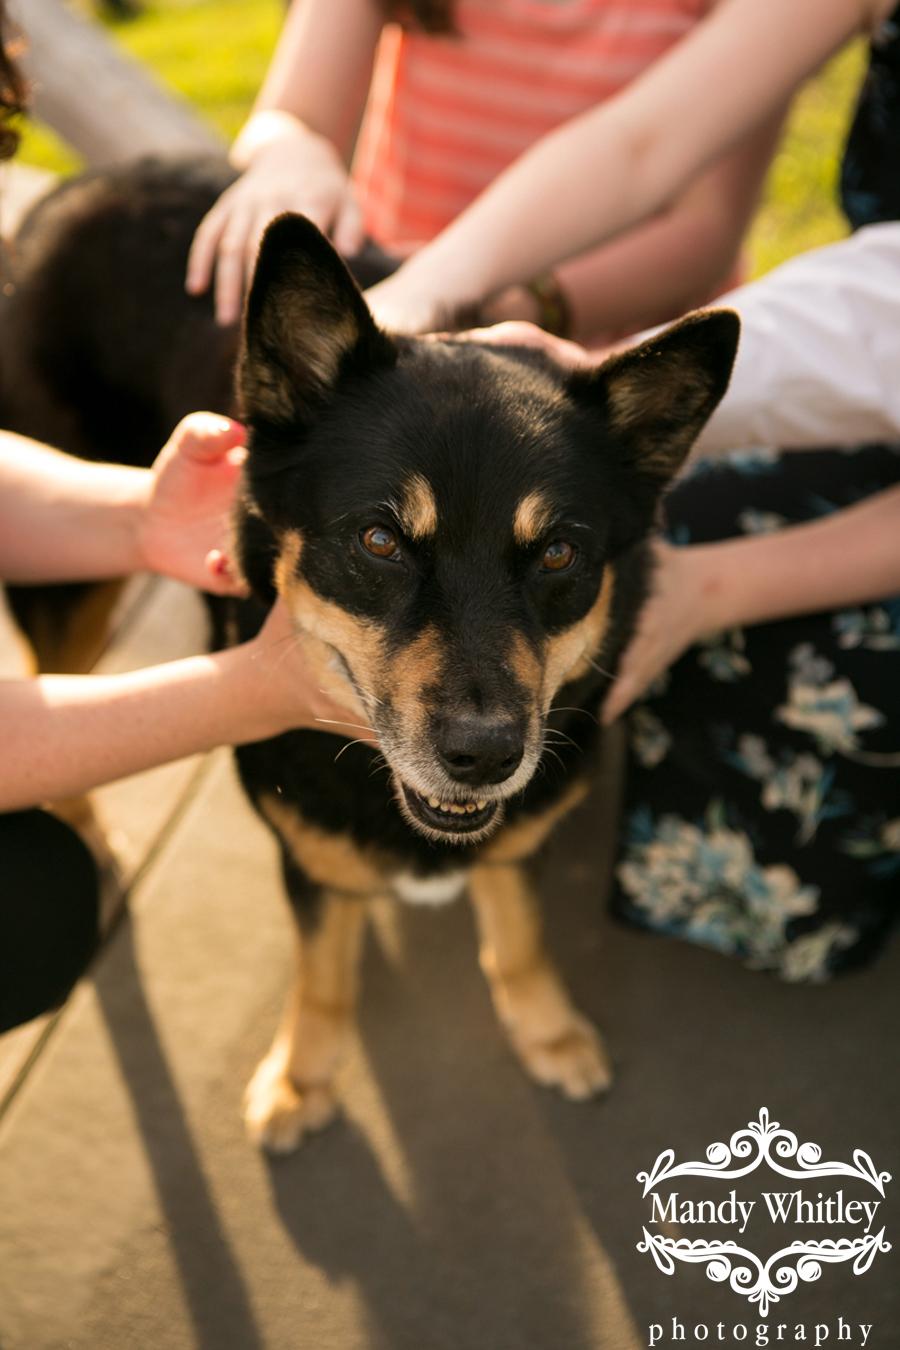 best nashville dog photographer mandy whitley